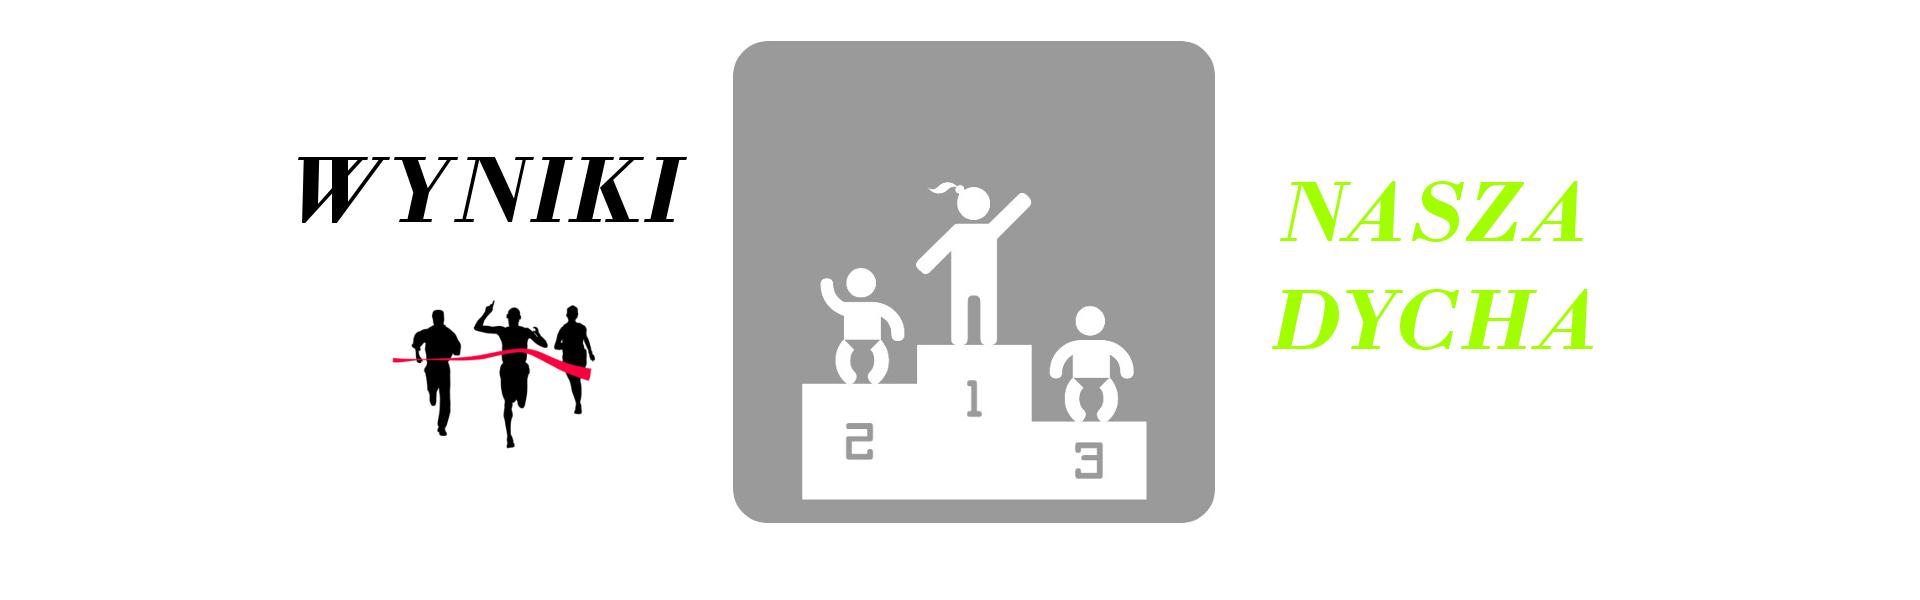 wyniki_nasza_dycha_2018